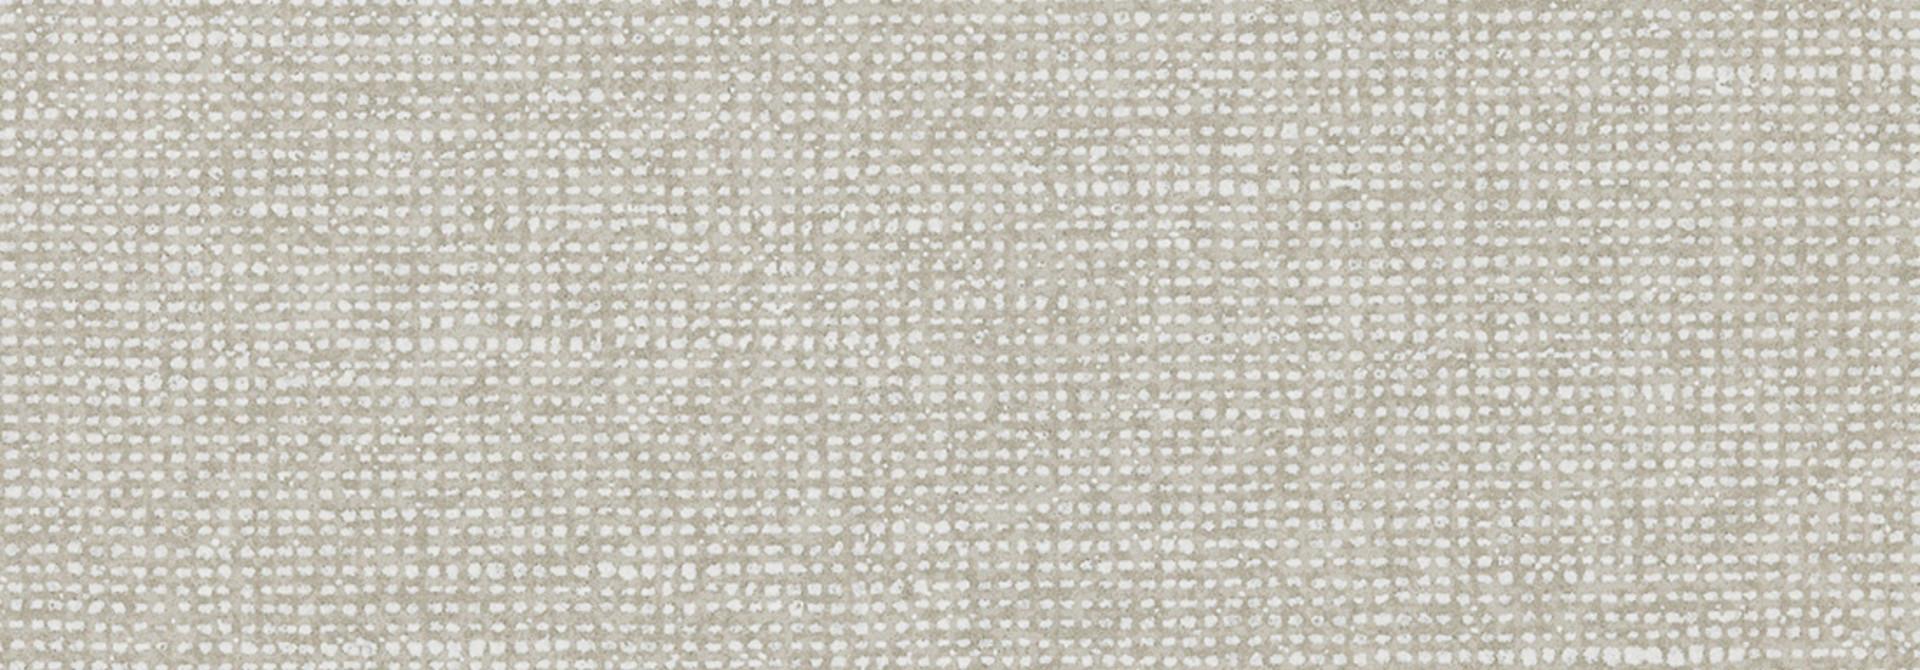 Behang 5084 Berk